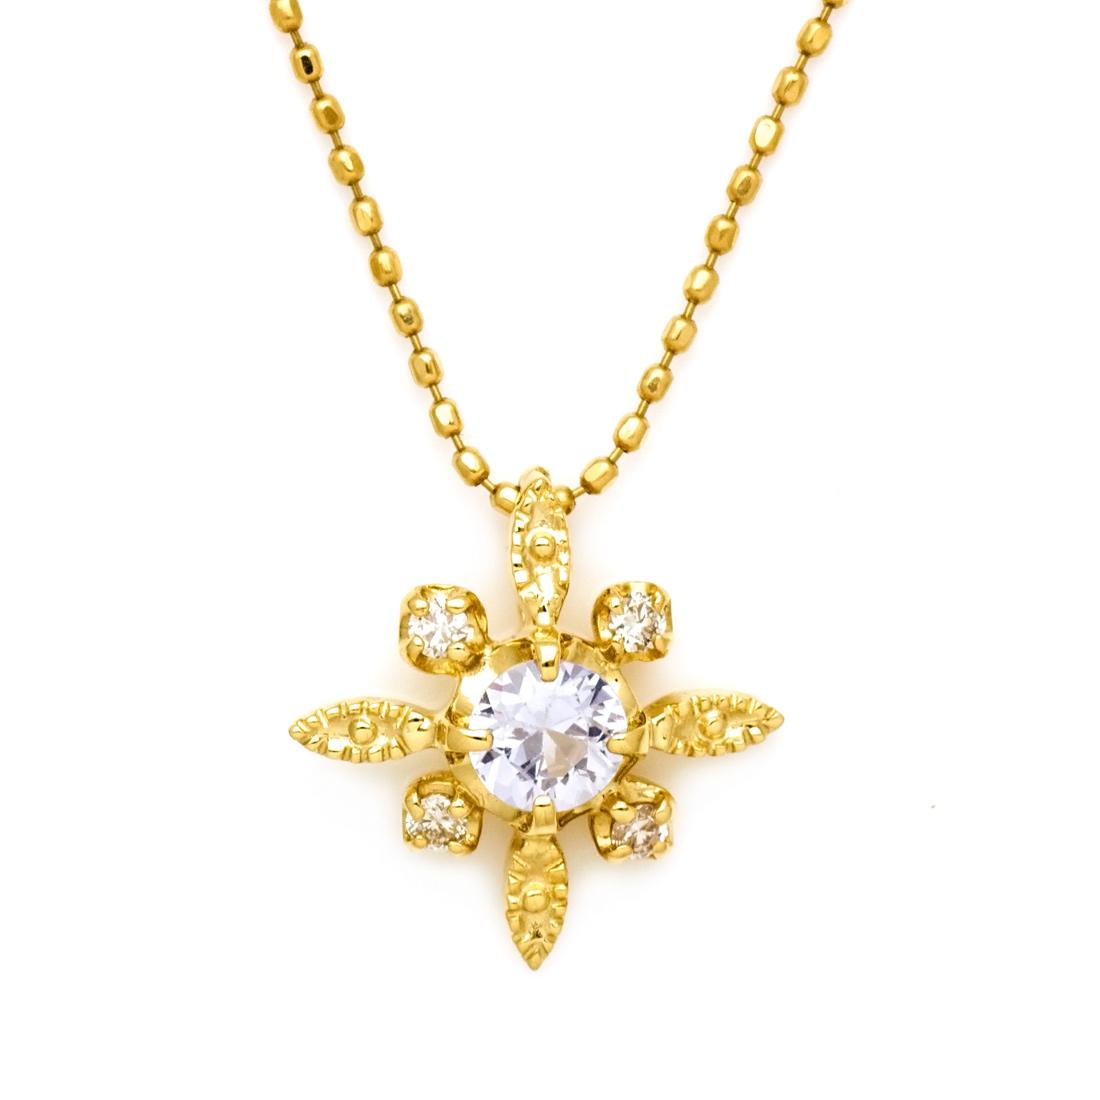 【GWクーポン配布中】ペンダントトップ ホワイトサファイア ダイヤモンド ゴールド K18